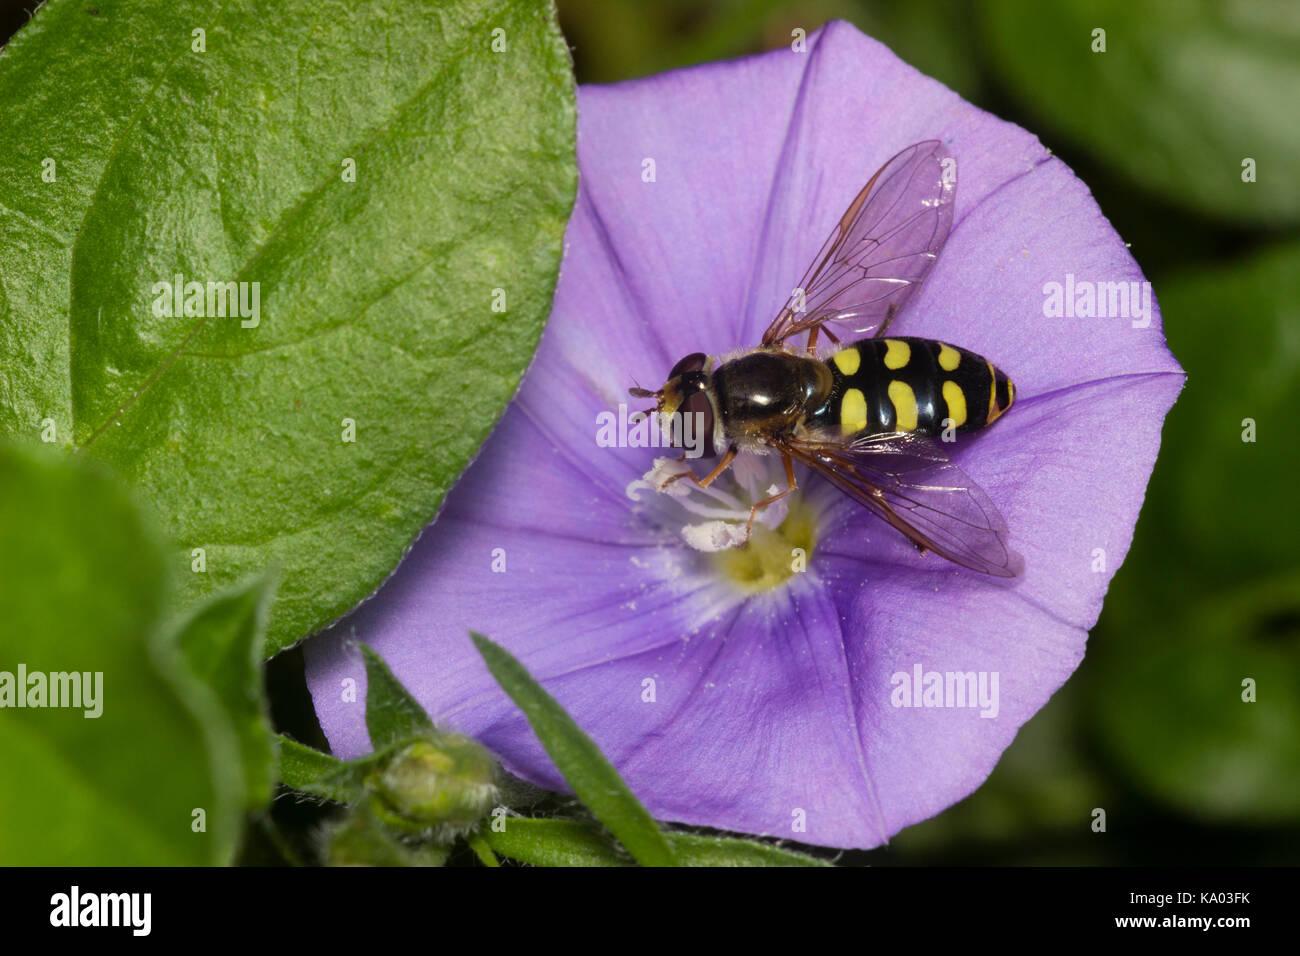 Wasp nachahmen UK weiblichen Hoverfly, Eupeodes luniger, Fütterung auf die blaue Blume der Convolvulus sabatius Stockbild